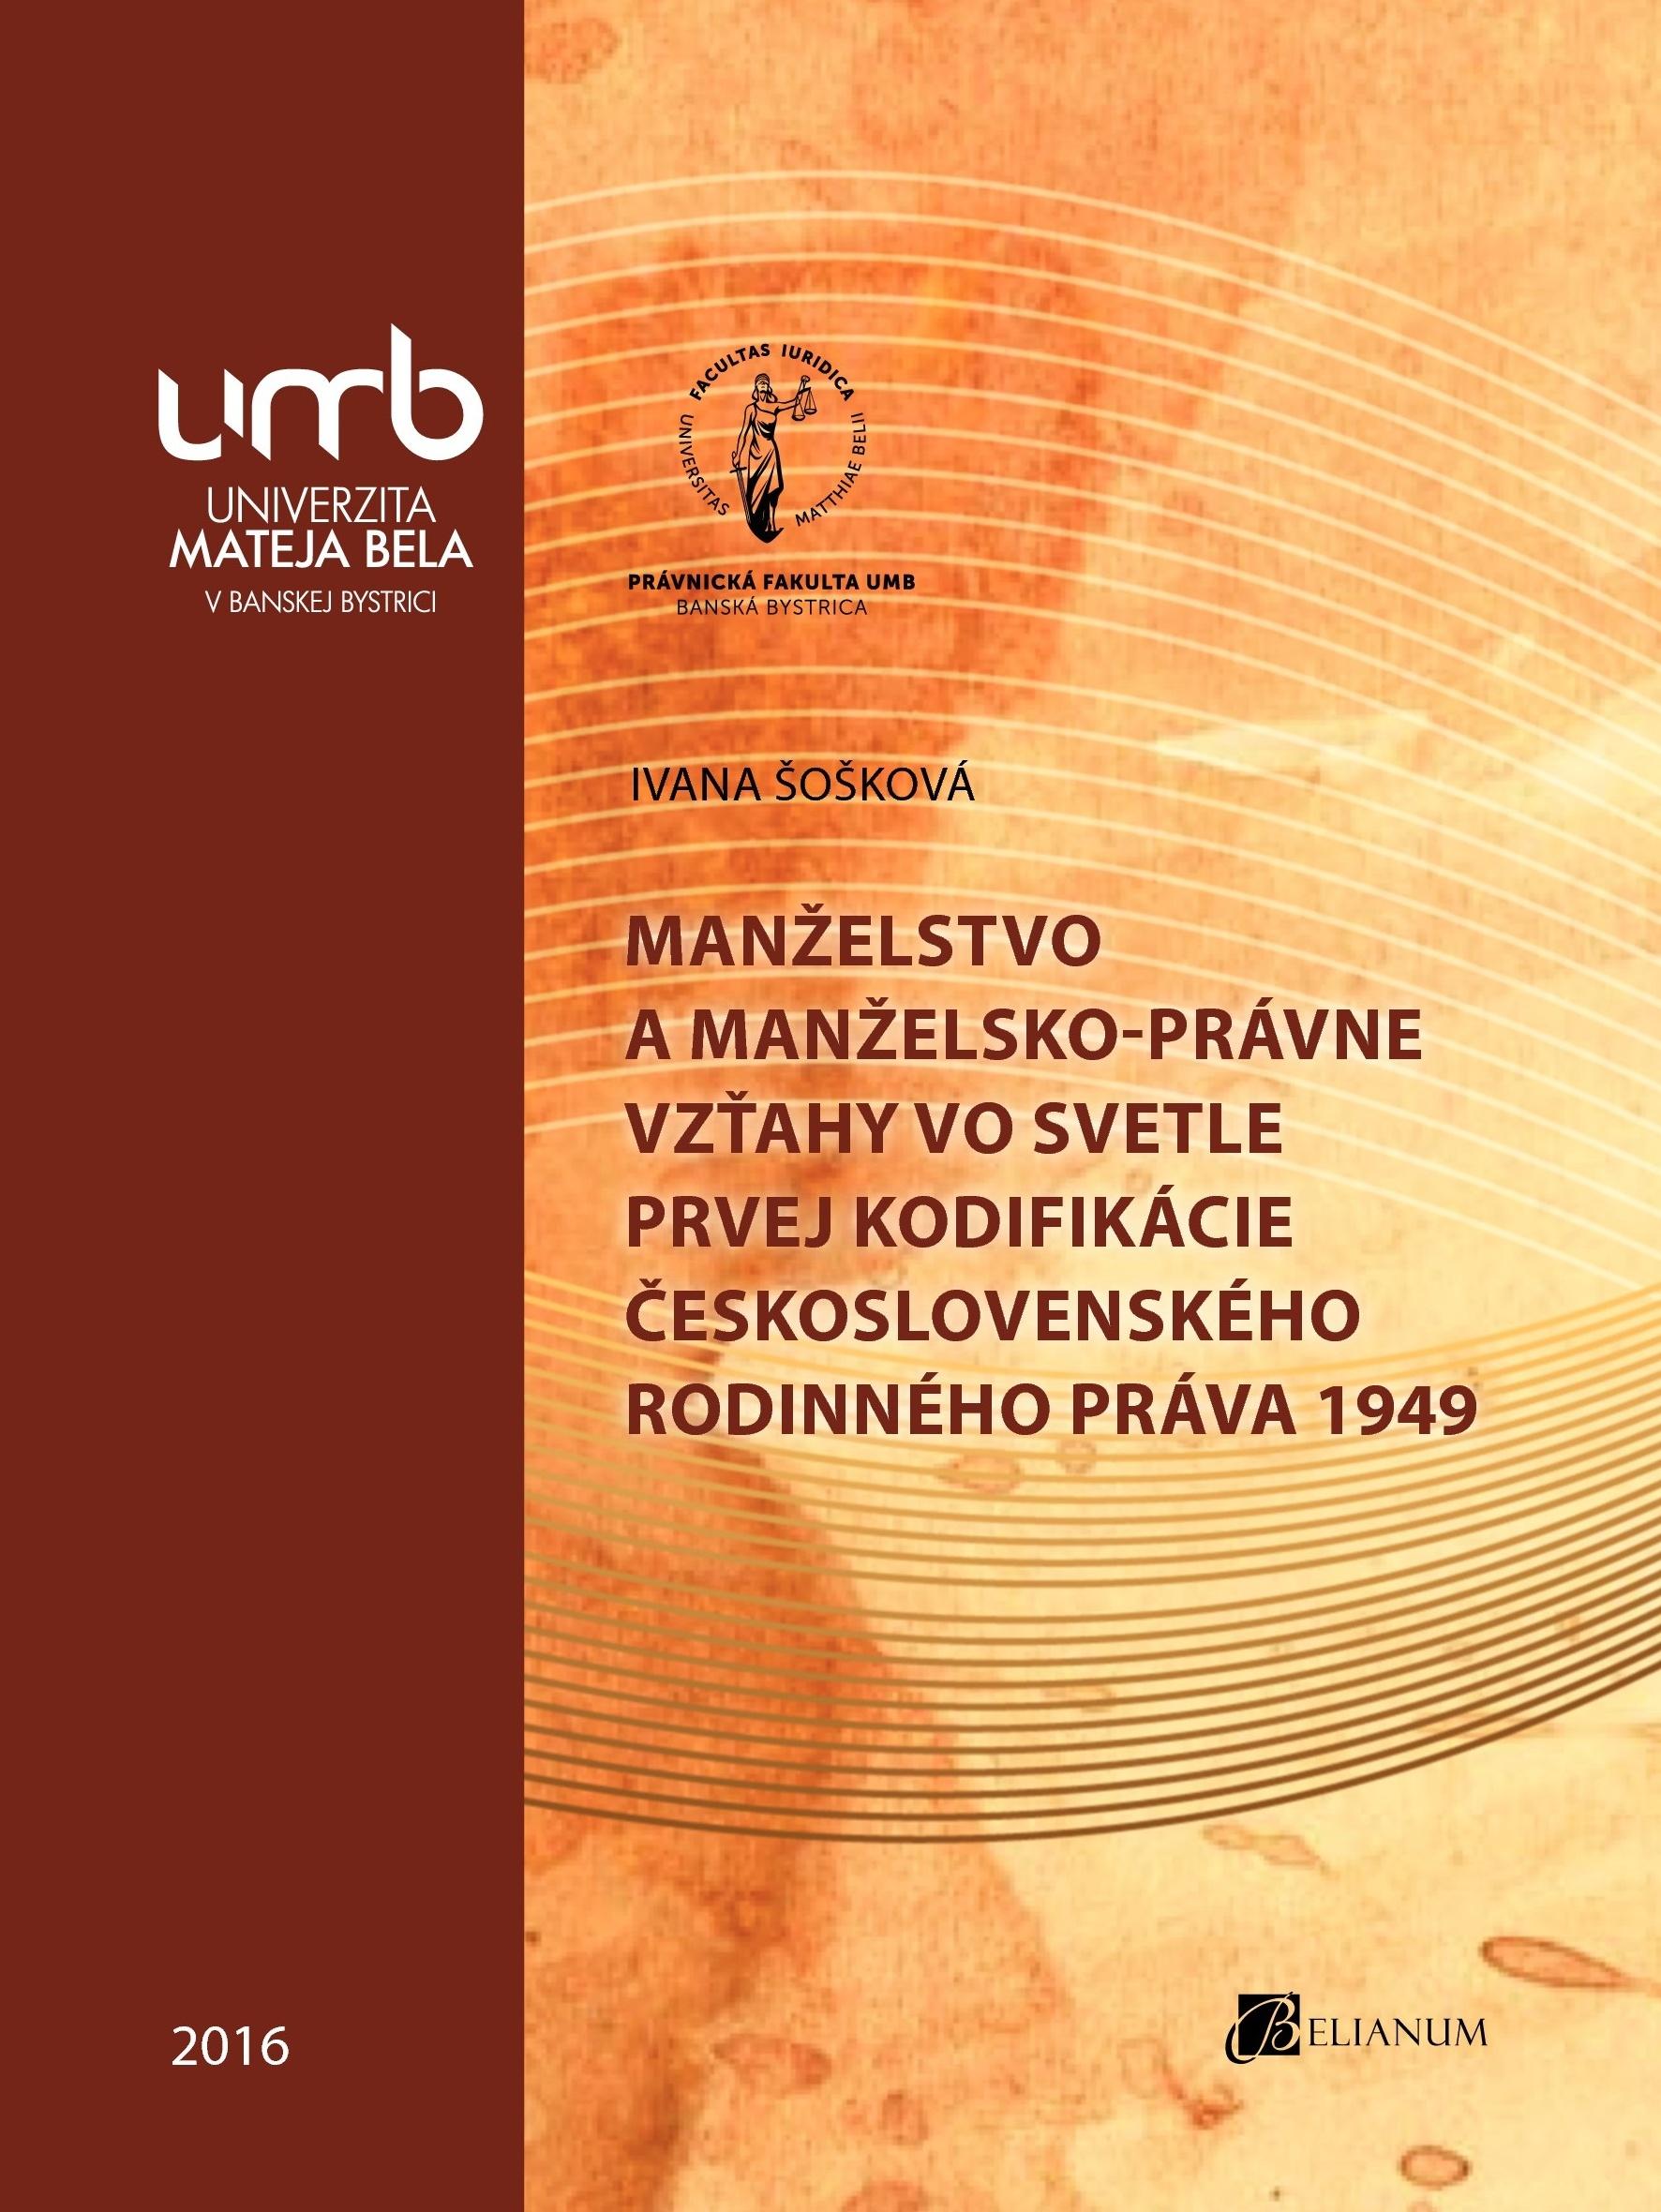 Manželstvo a manželsko-právne vzťahy vo svetle prvej kodifikácie československého rodinného práva 1949